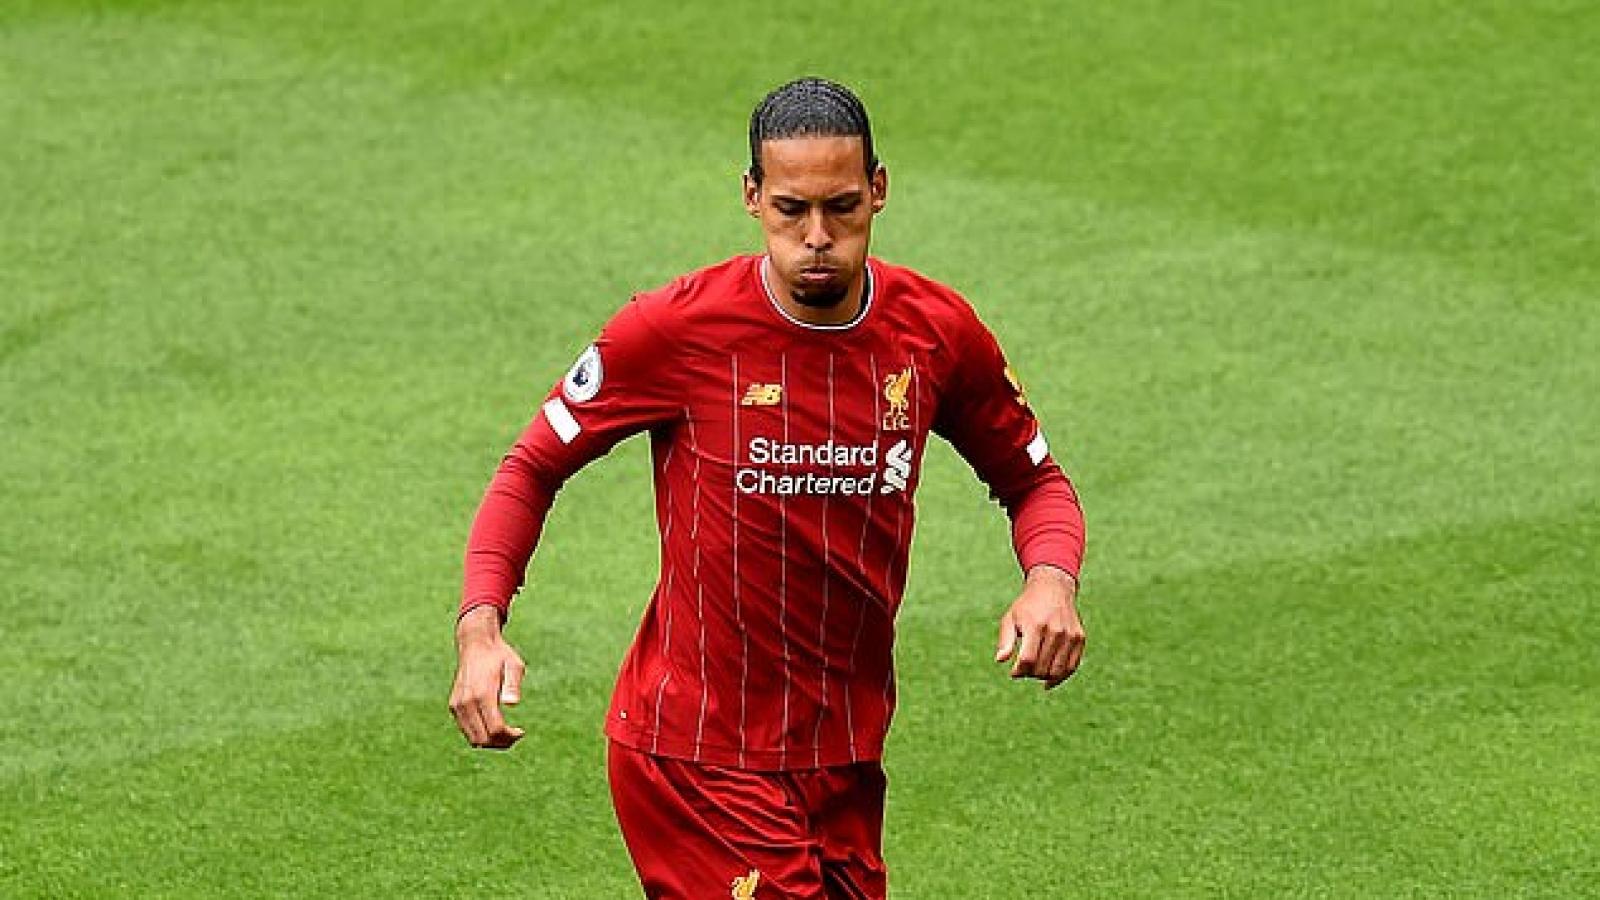 Van Dijk sắp gia hạn với Liverpool, nhận lương cao nhất lịch sử CLB